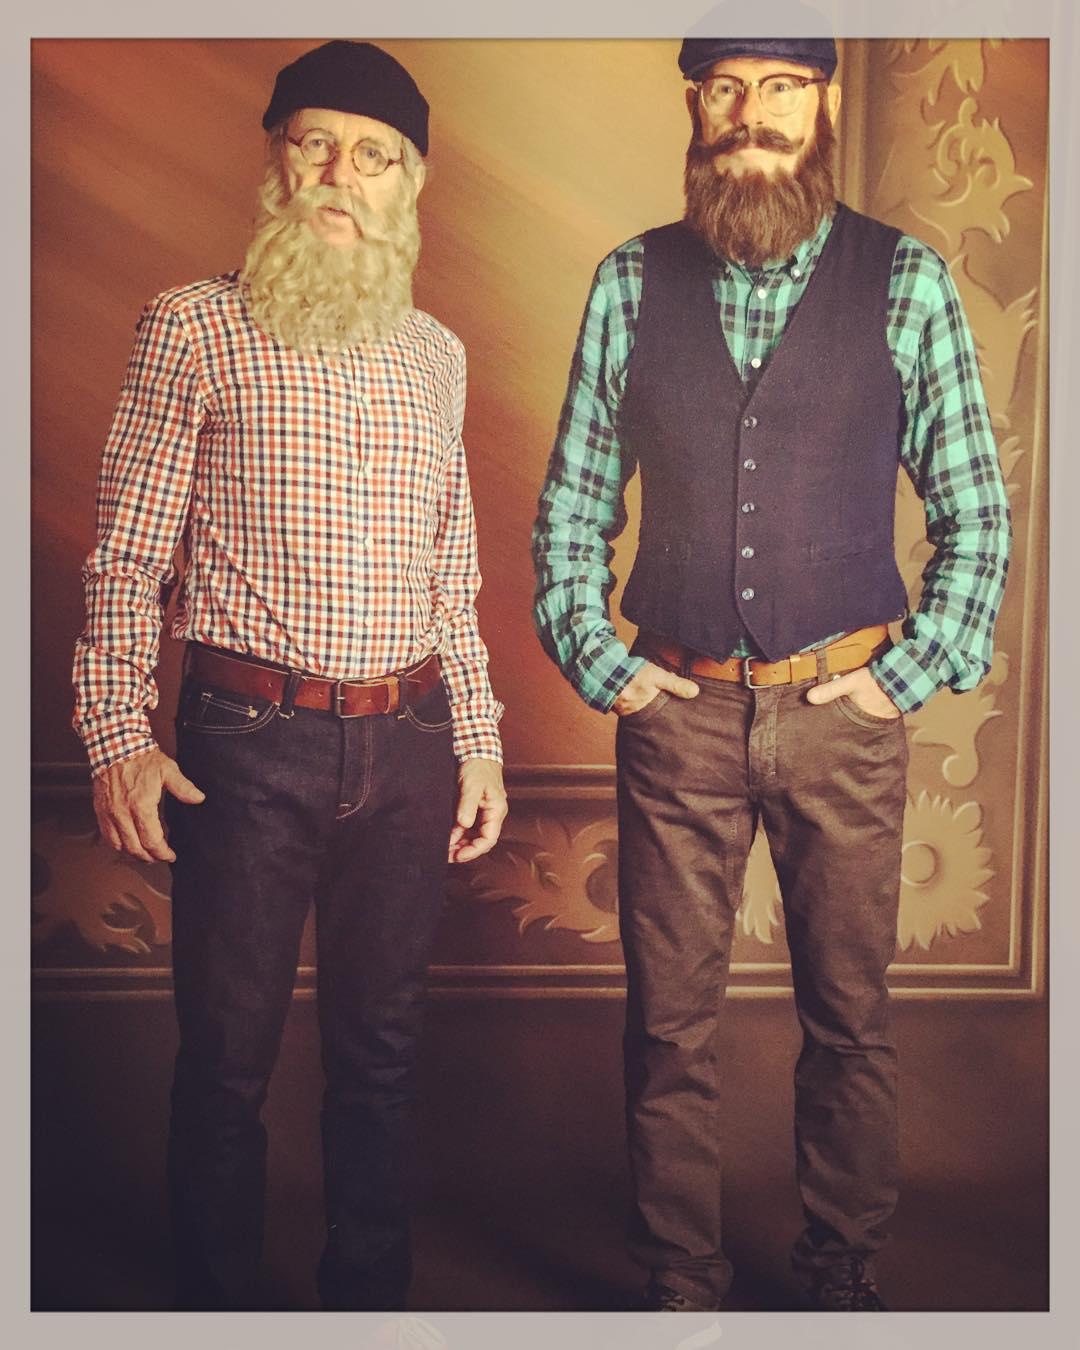 Claes Eriksson and Jan Rippe in Spargrisarna kan rädda världen (2016)